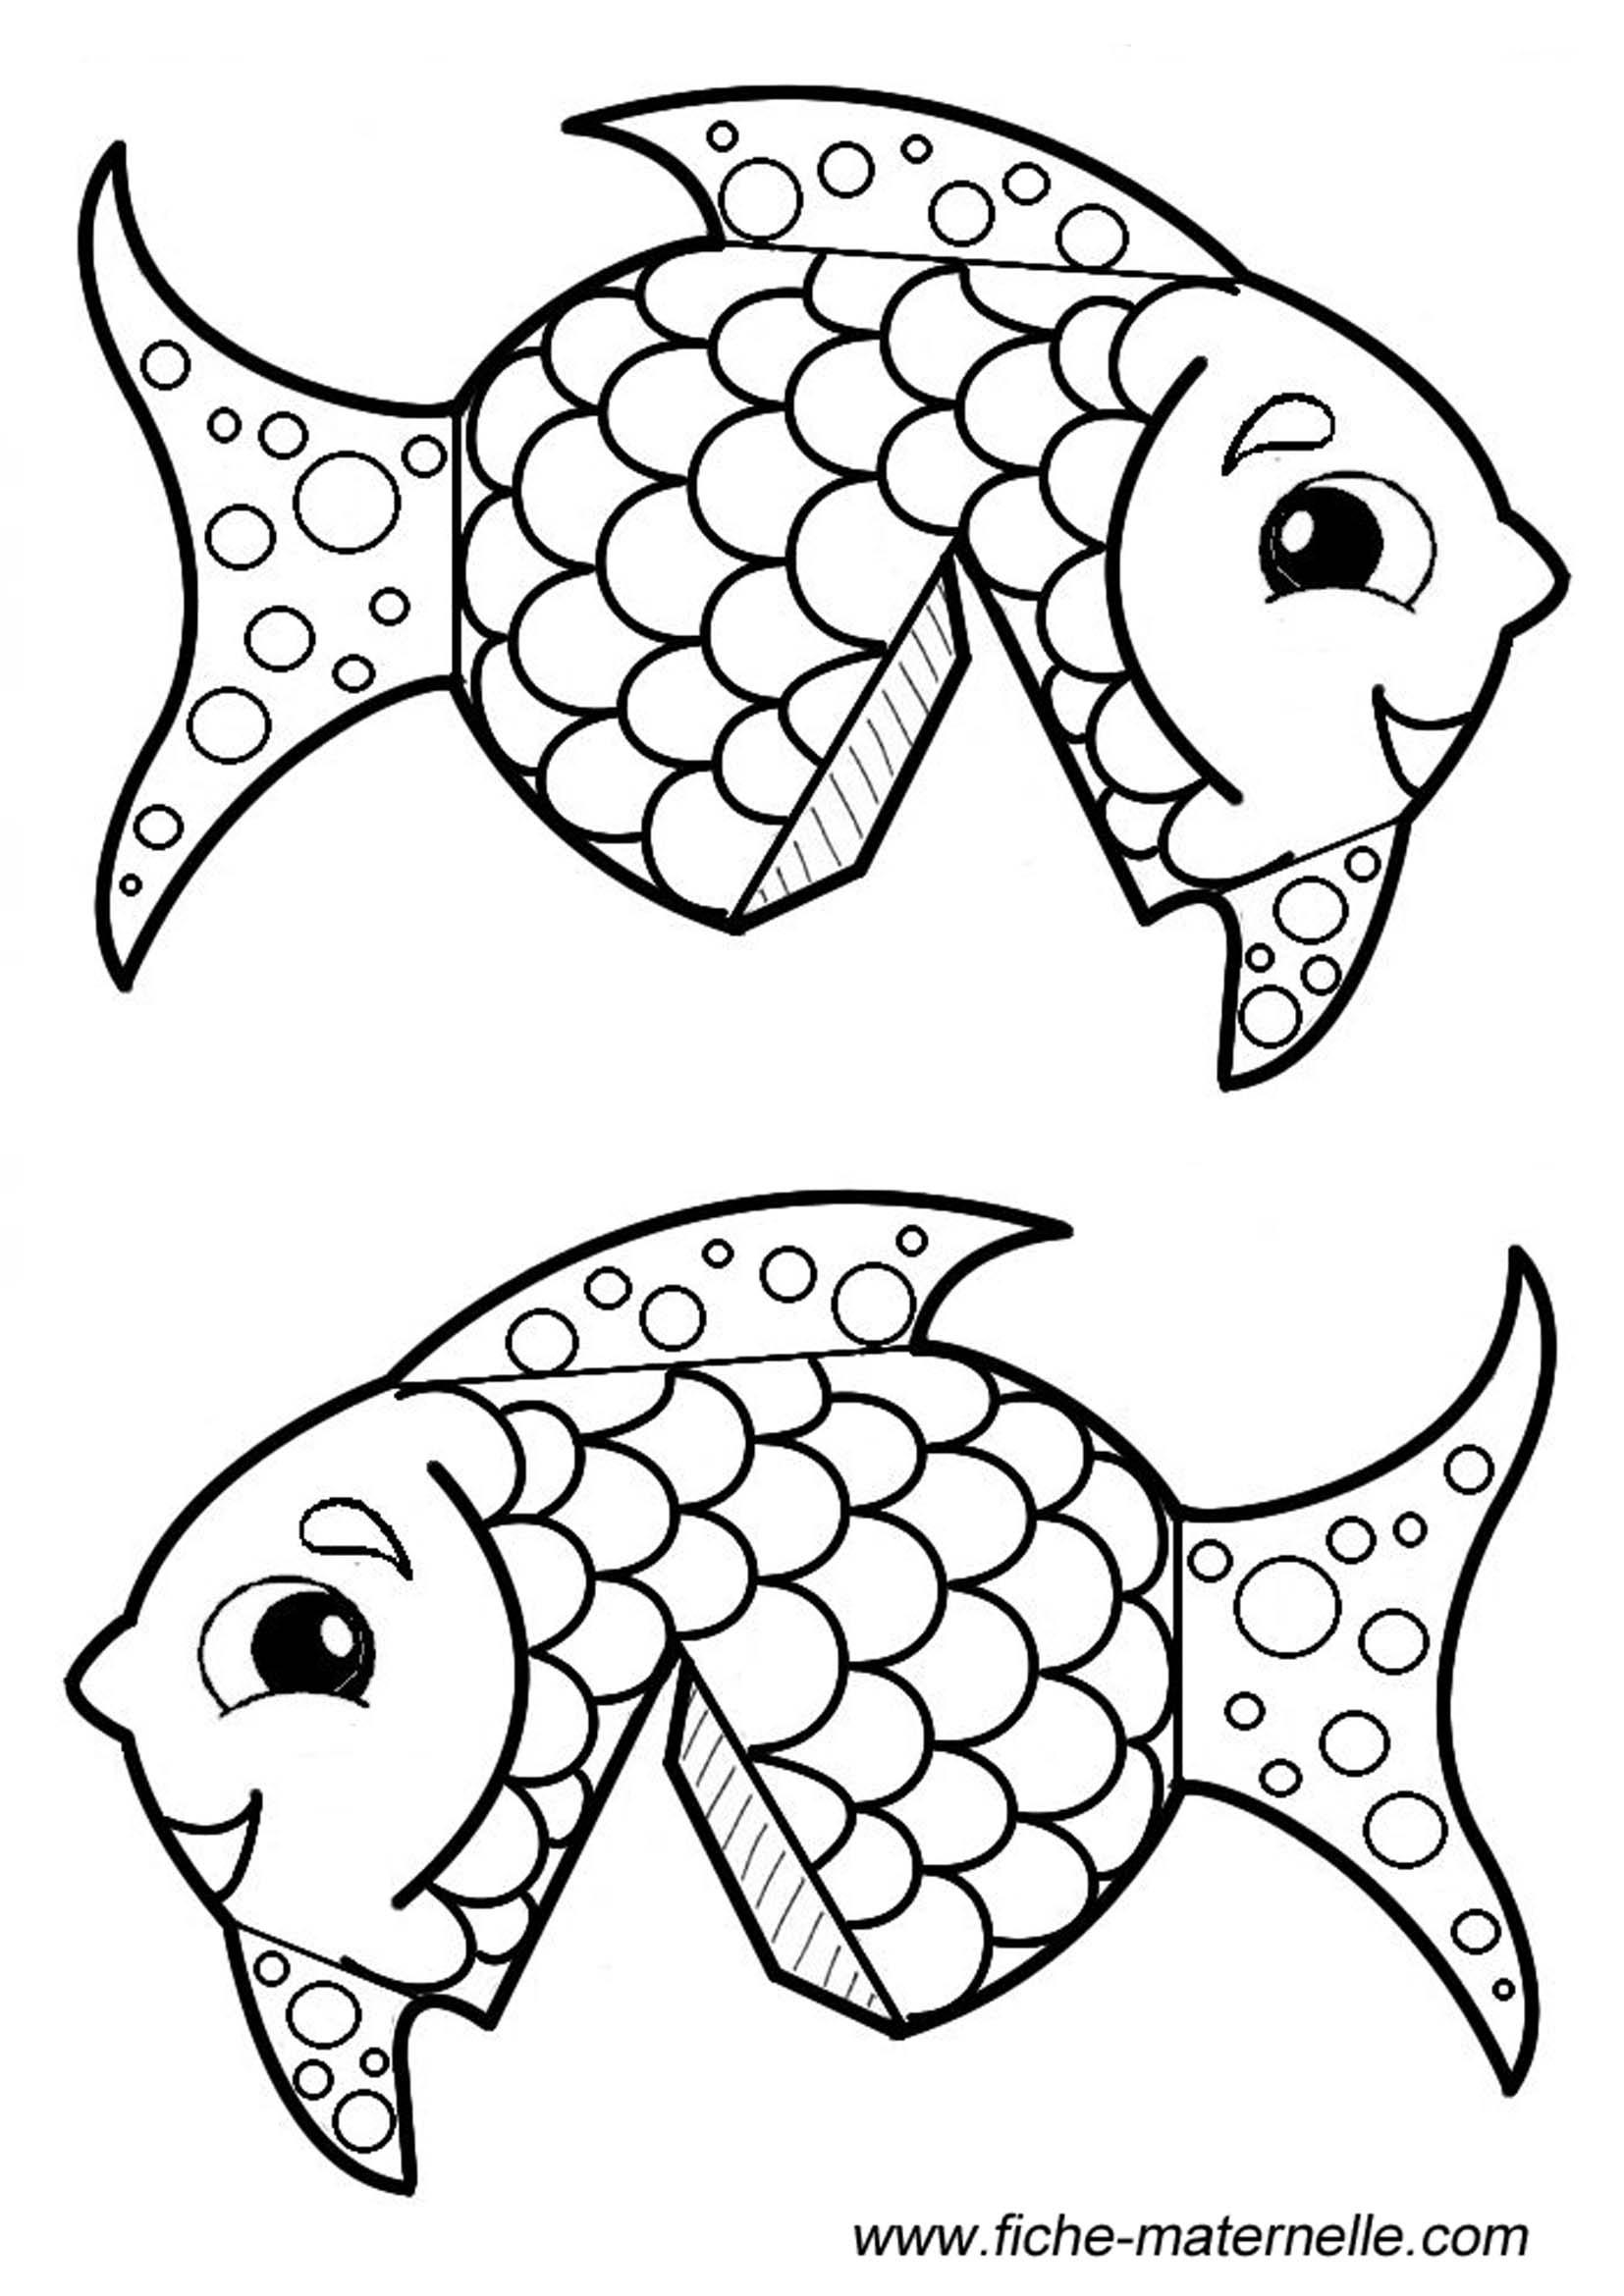 Pliages et volumes en maternelle obtenir des personnages et objets en volume par pliage - Poisson avril maternelle ...